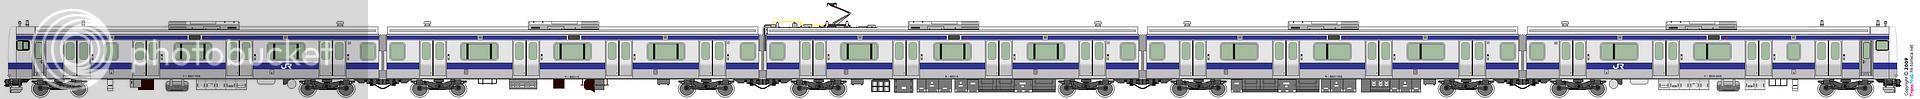 [5006] 東日本旅客鉄道 2006